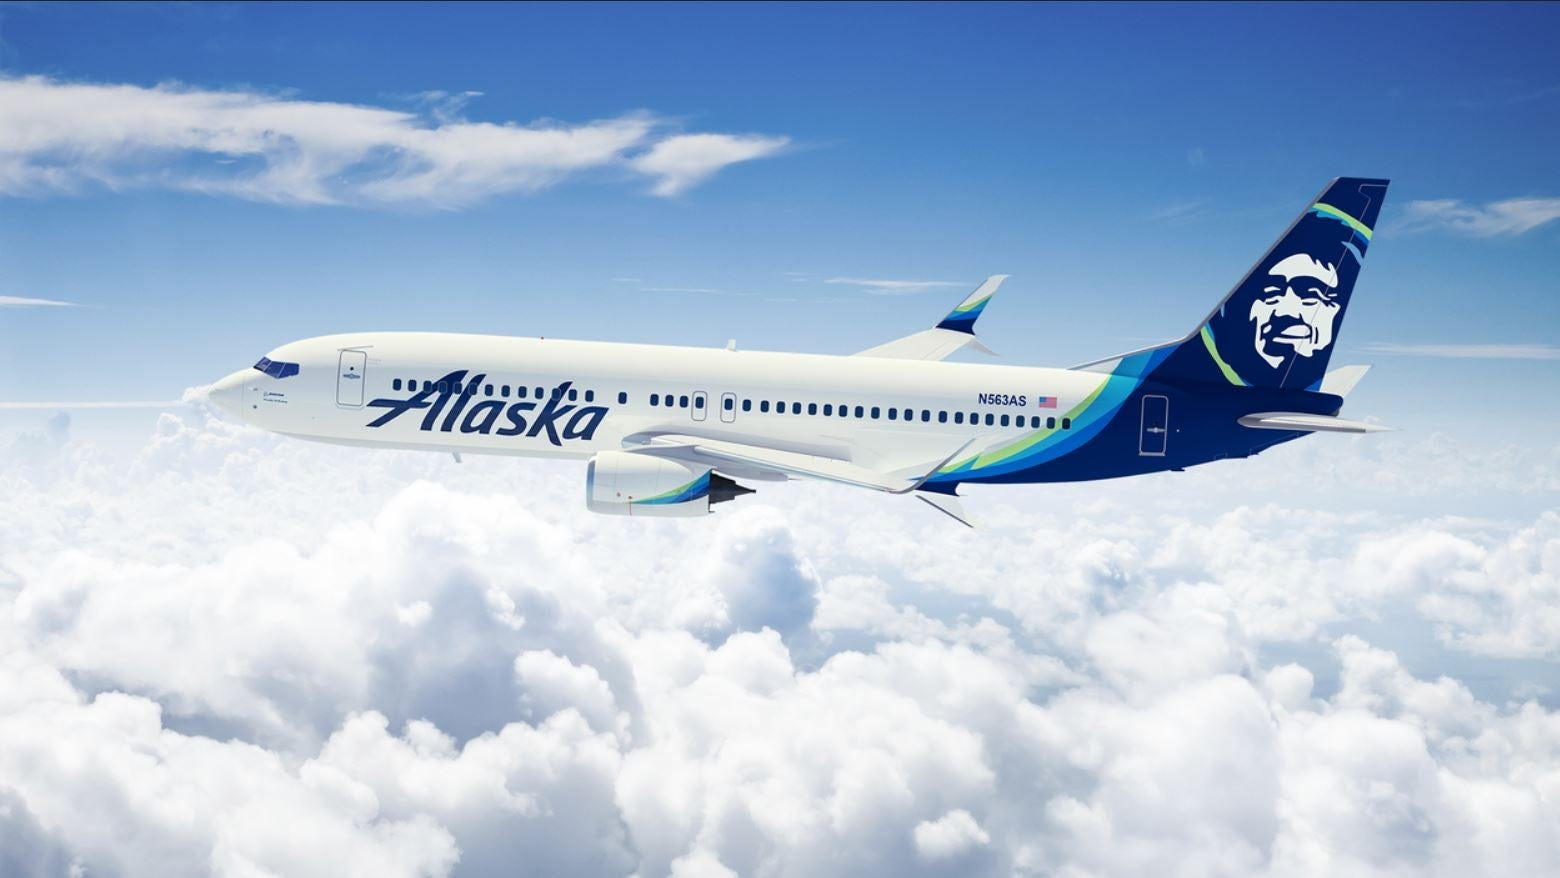 OFRECE ALASKA AIRLINES BONIFICACIÓN A SU PERSONAL VACUNADO CONTRA COVID